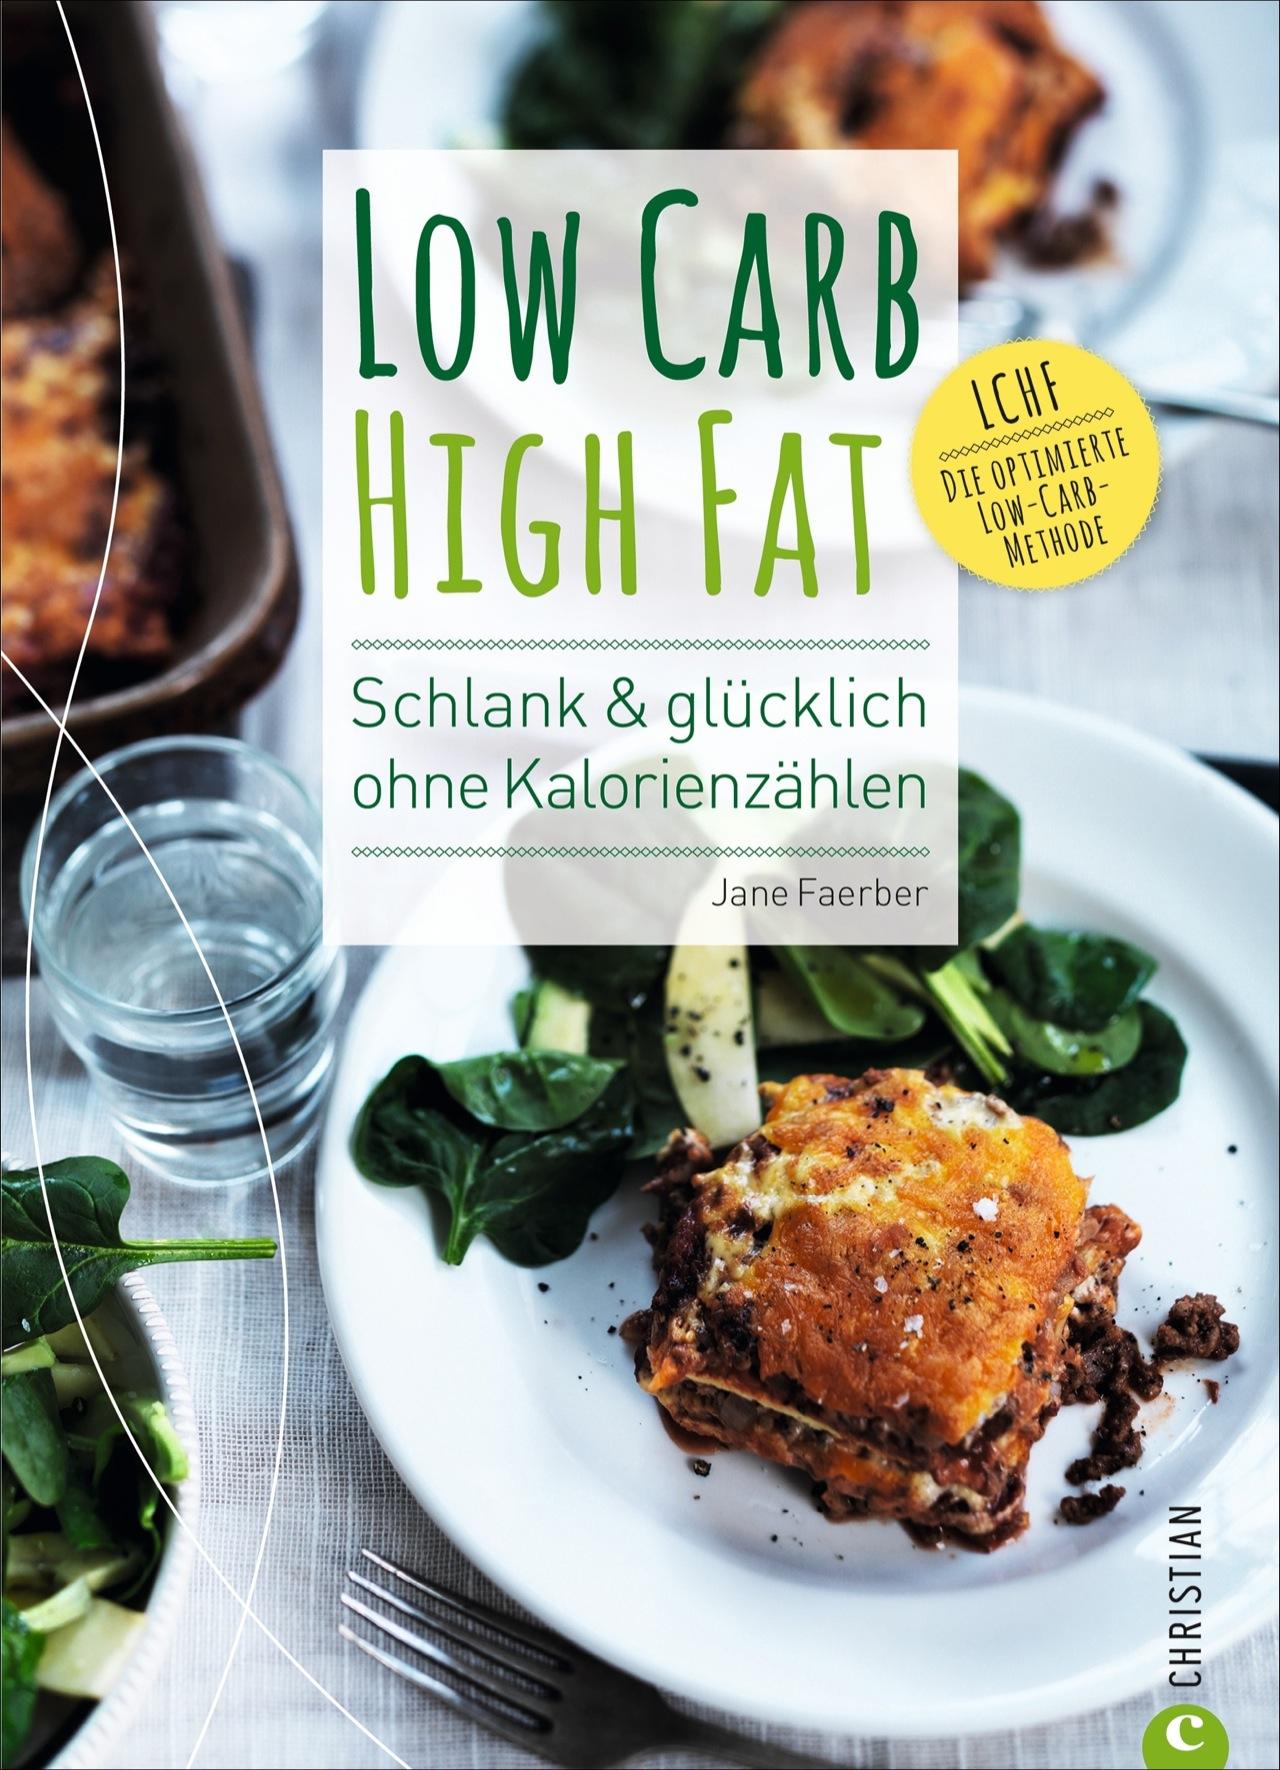 Low Carb High Fat: Schlank & glücklich ohne Kalorienzählen - Jane Faerber